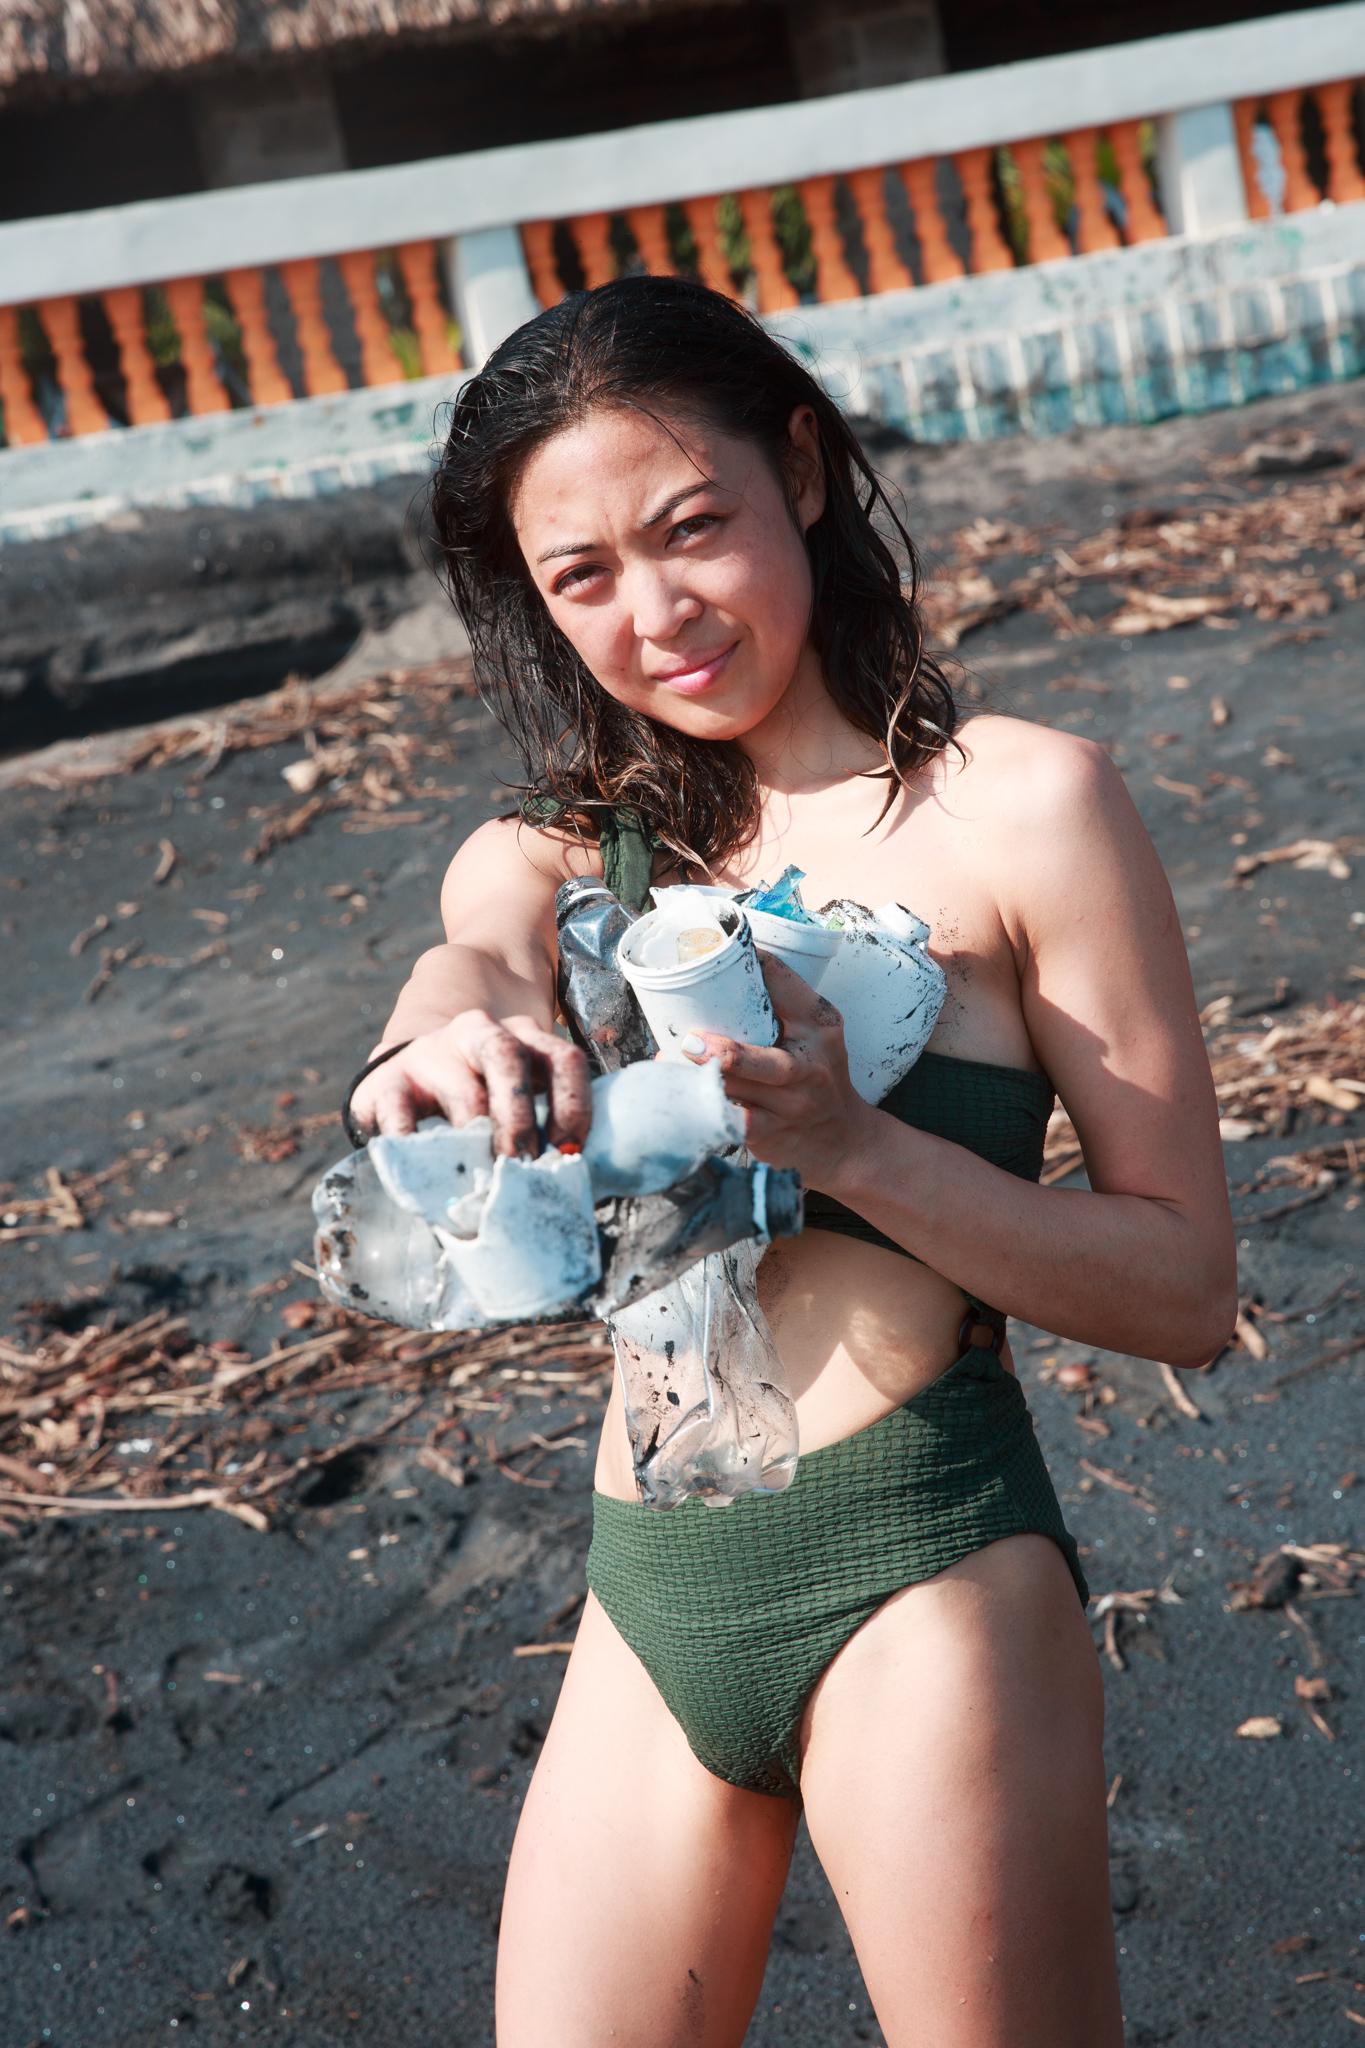 El Salvador beach cleanup